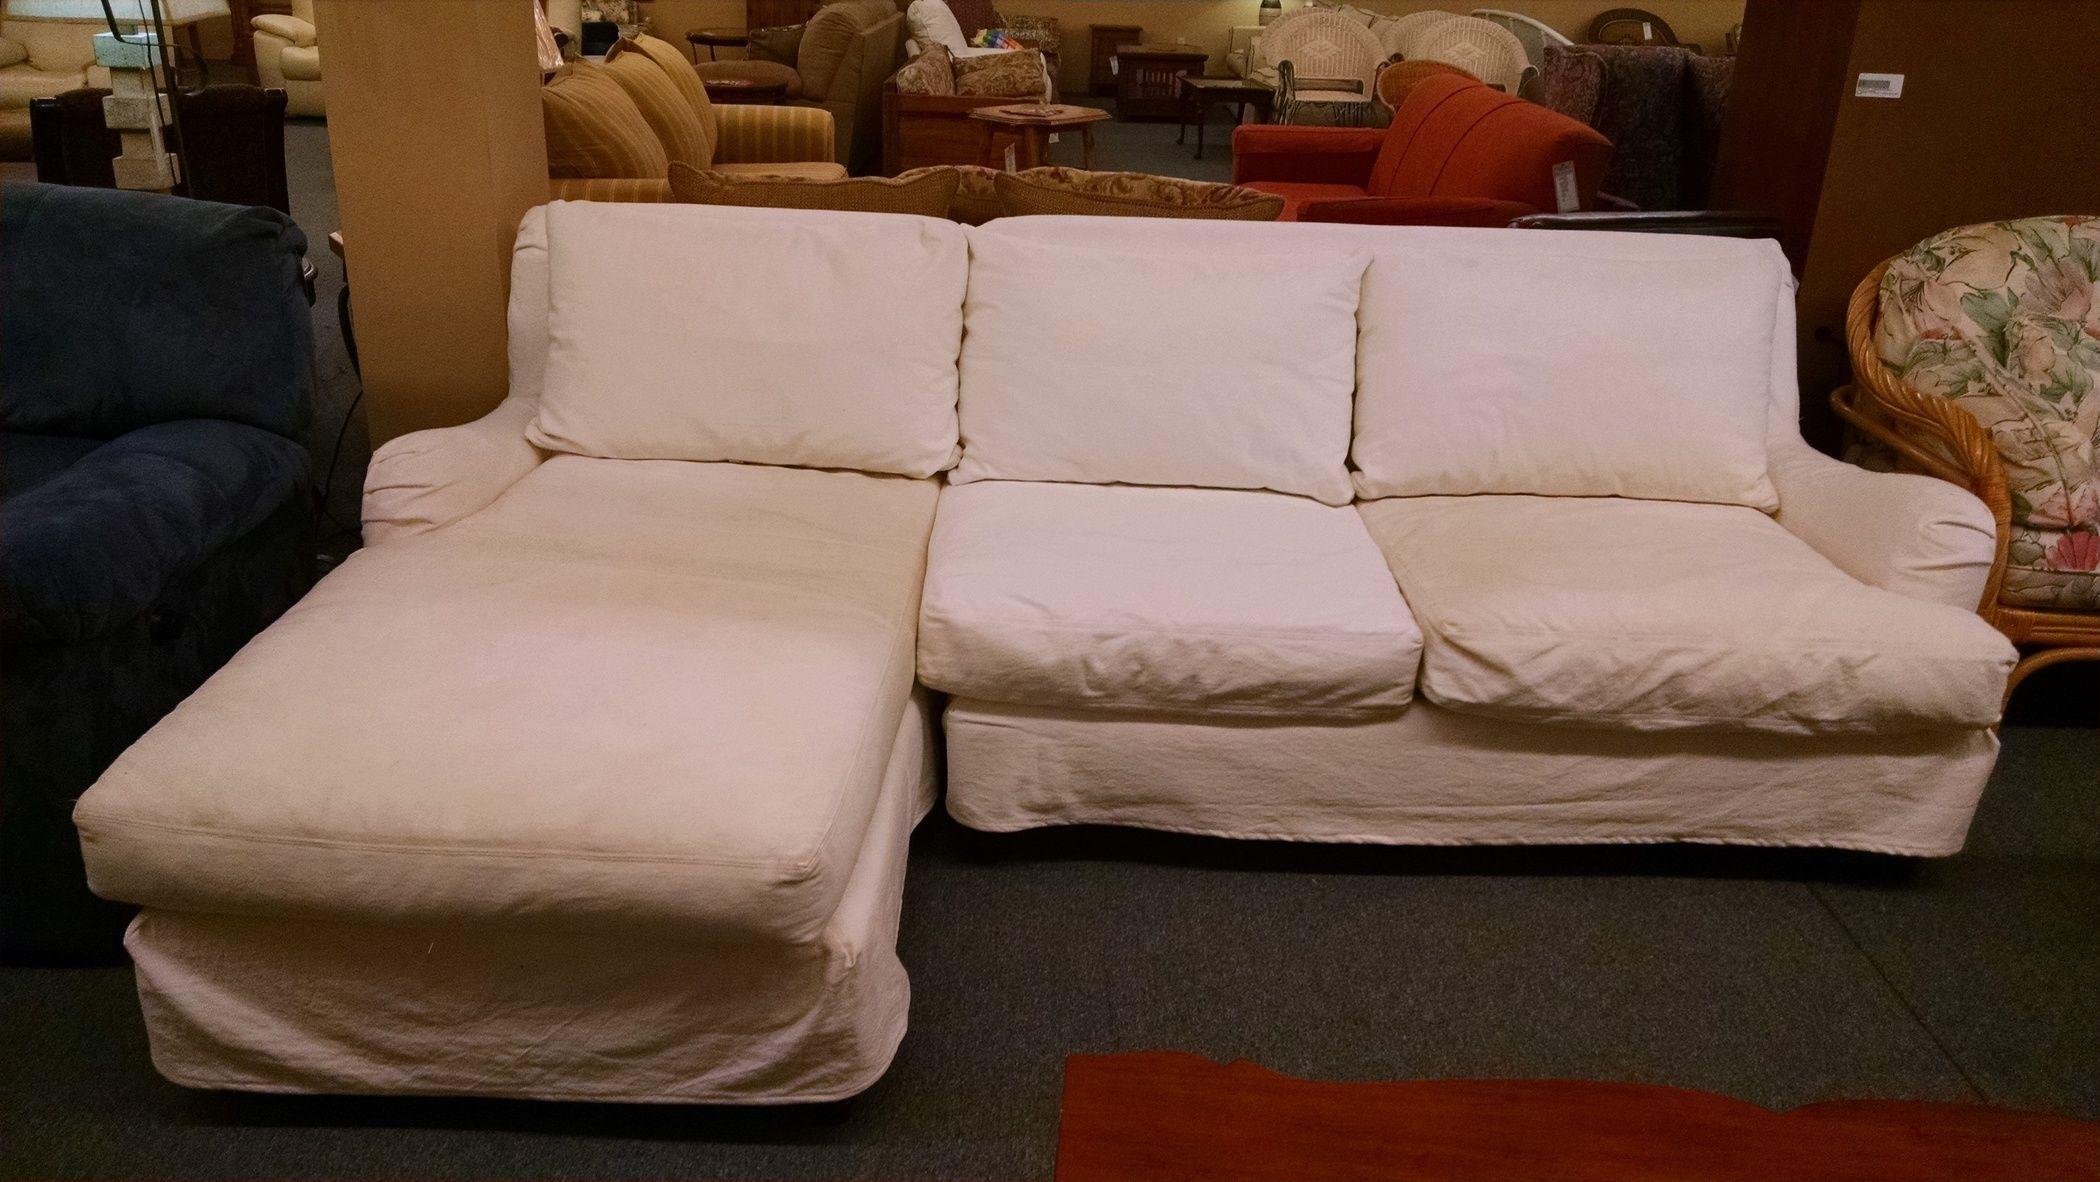 POTTERY BARN SLIPCOVER SOFA Delmarva Furniture Consignment